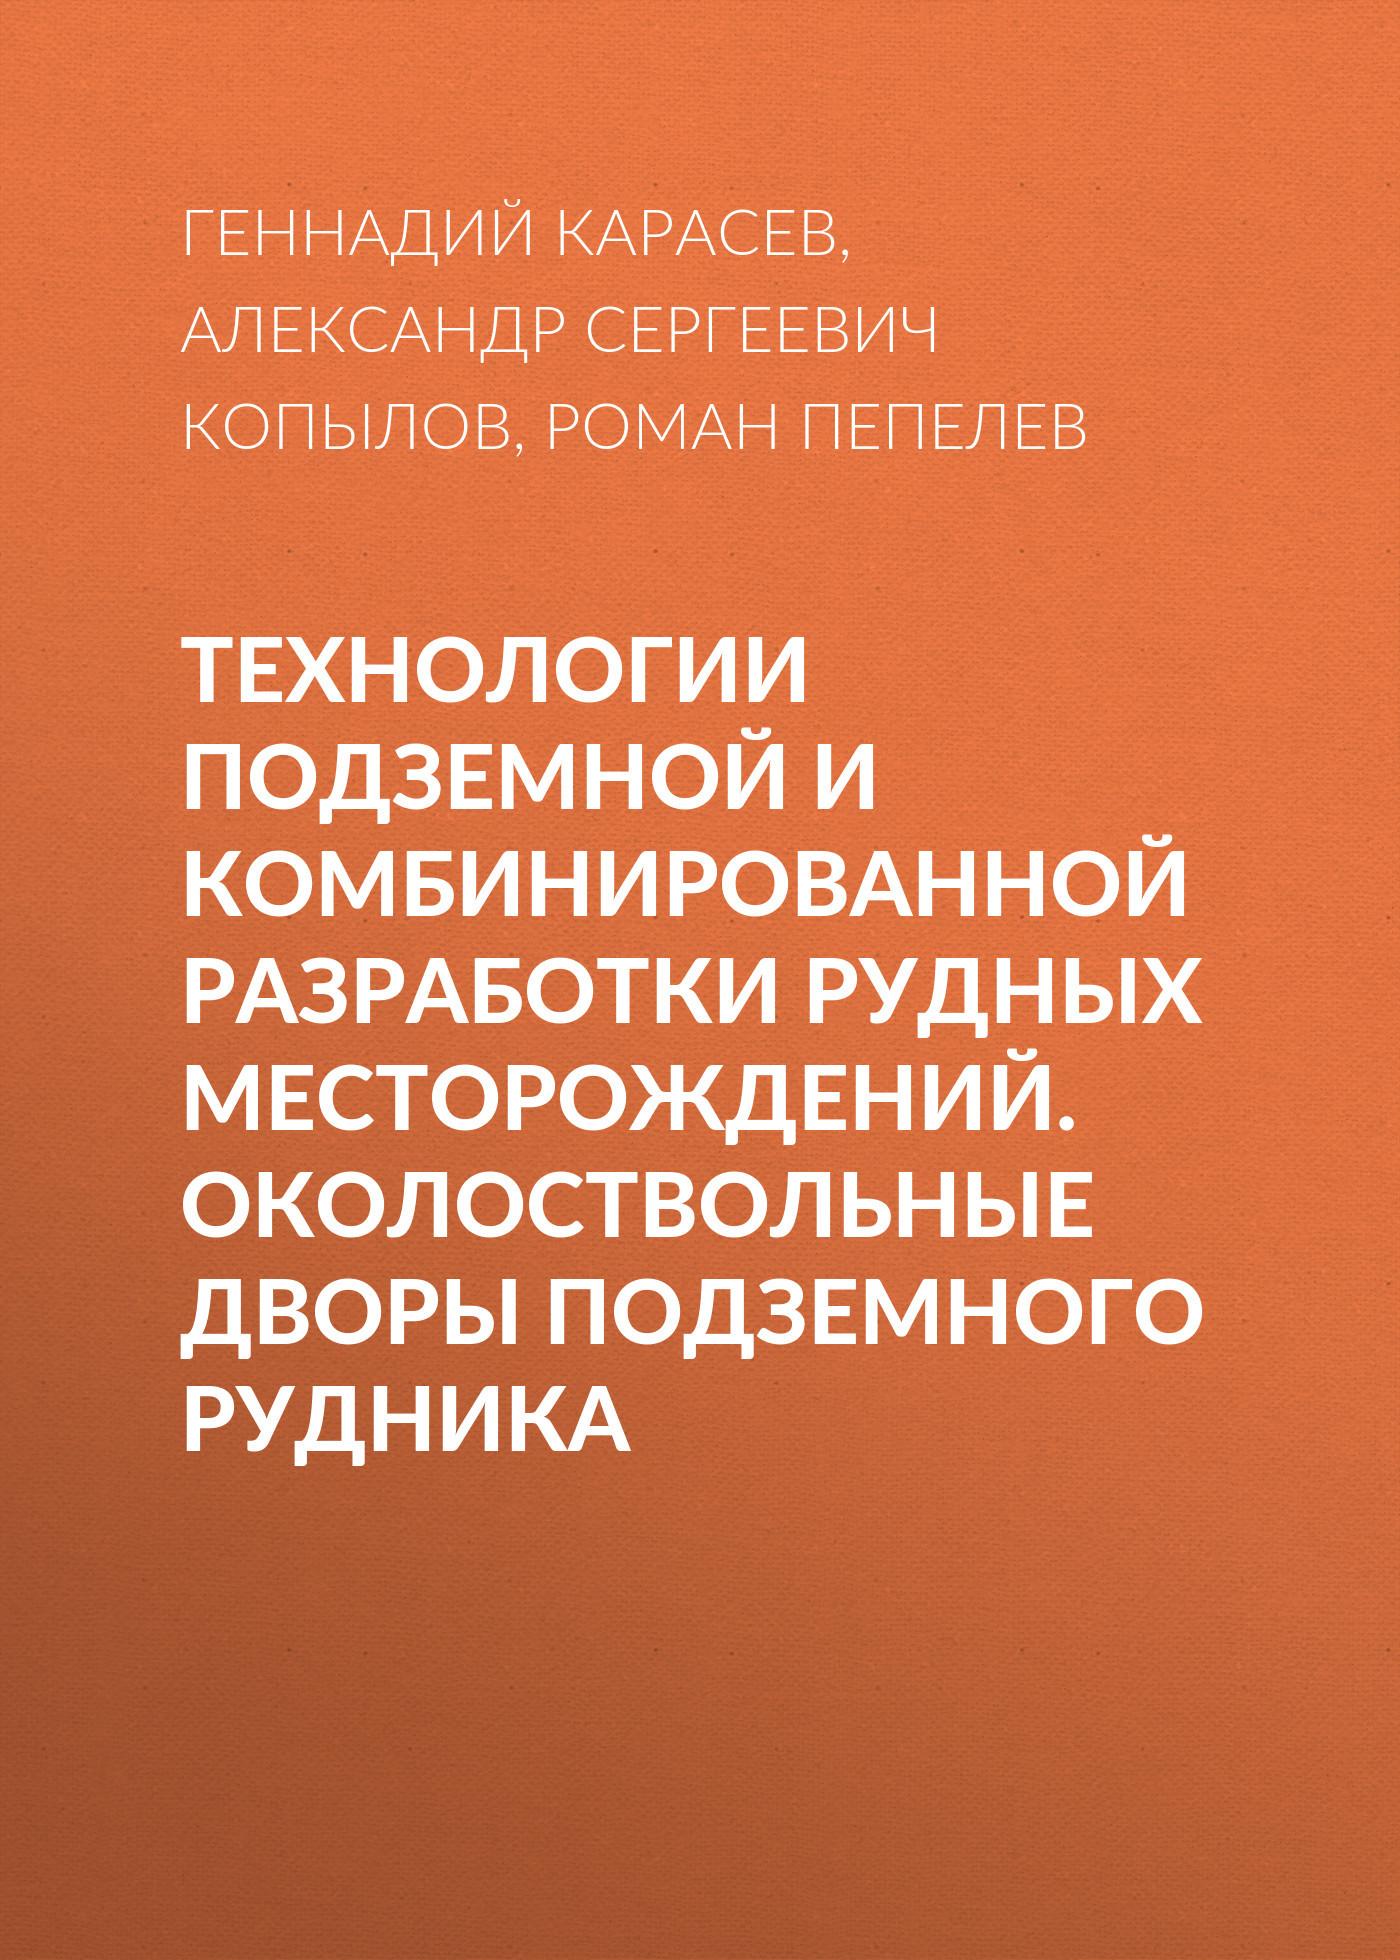 Александр Сергеевич Копылов Технологии подземной и комбинированной разработки рудных месторождений. Околоствольные дворы подземного рудника николай копылов ради женщин